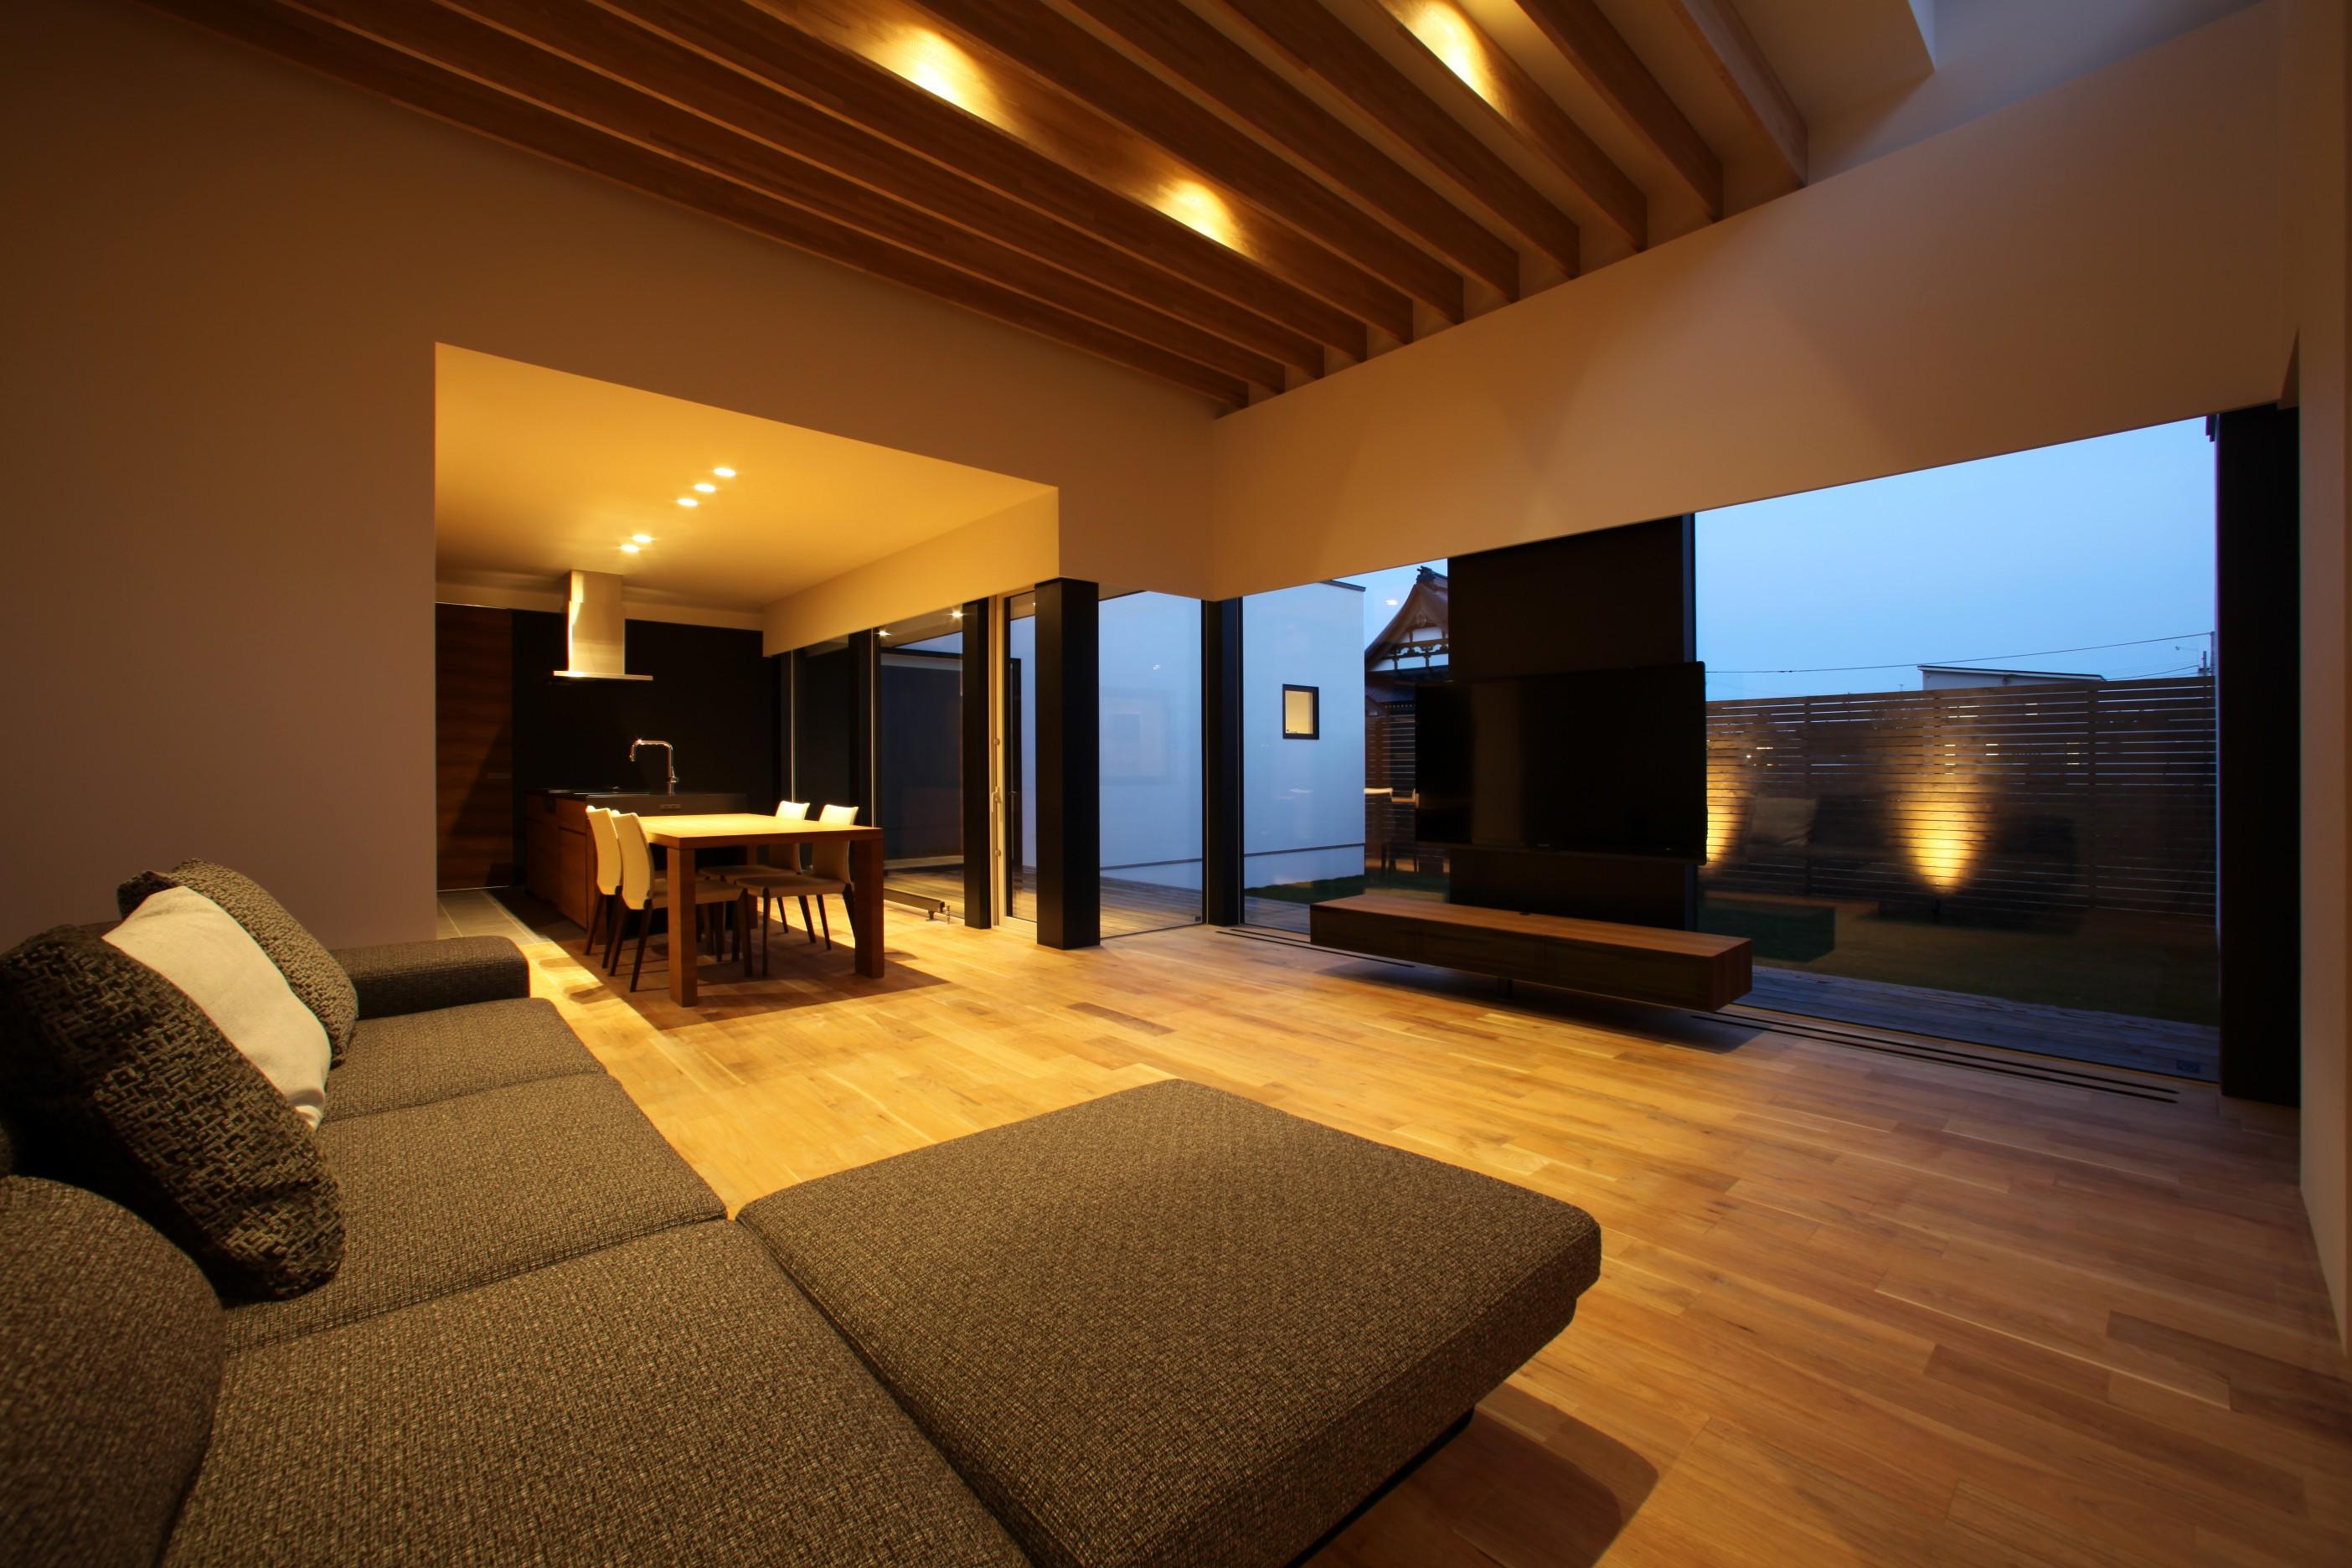 リビングダイニング事例:落ち着いたリビングの夕景(倫季の家(りんきのいえ)~自然光を取り込んだ平屋~)